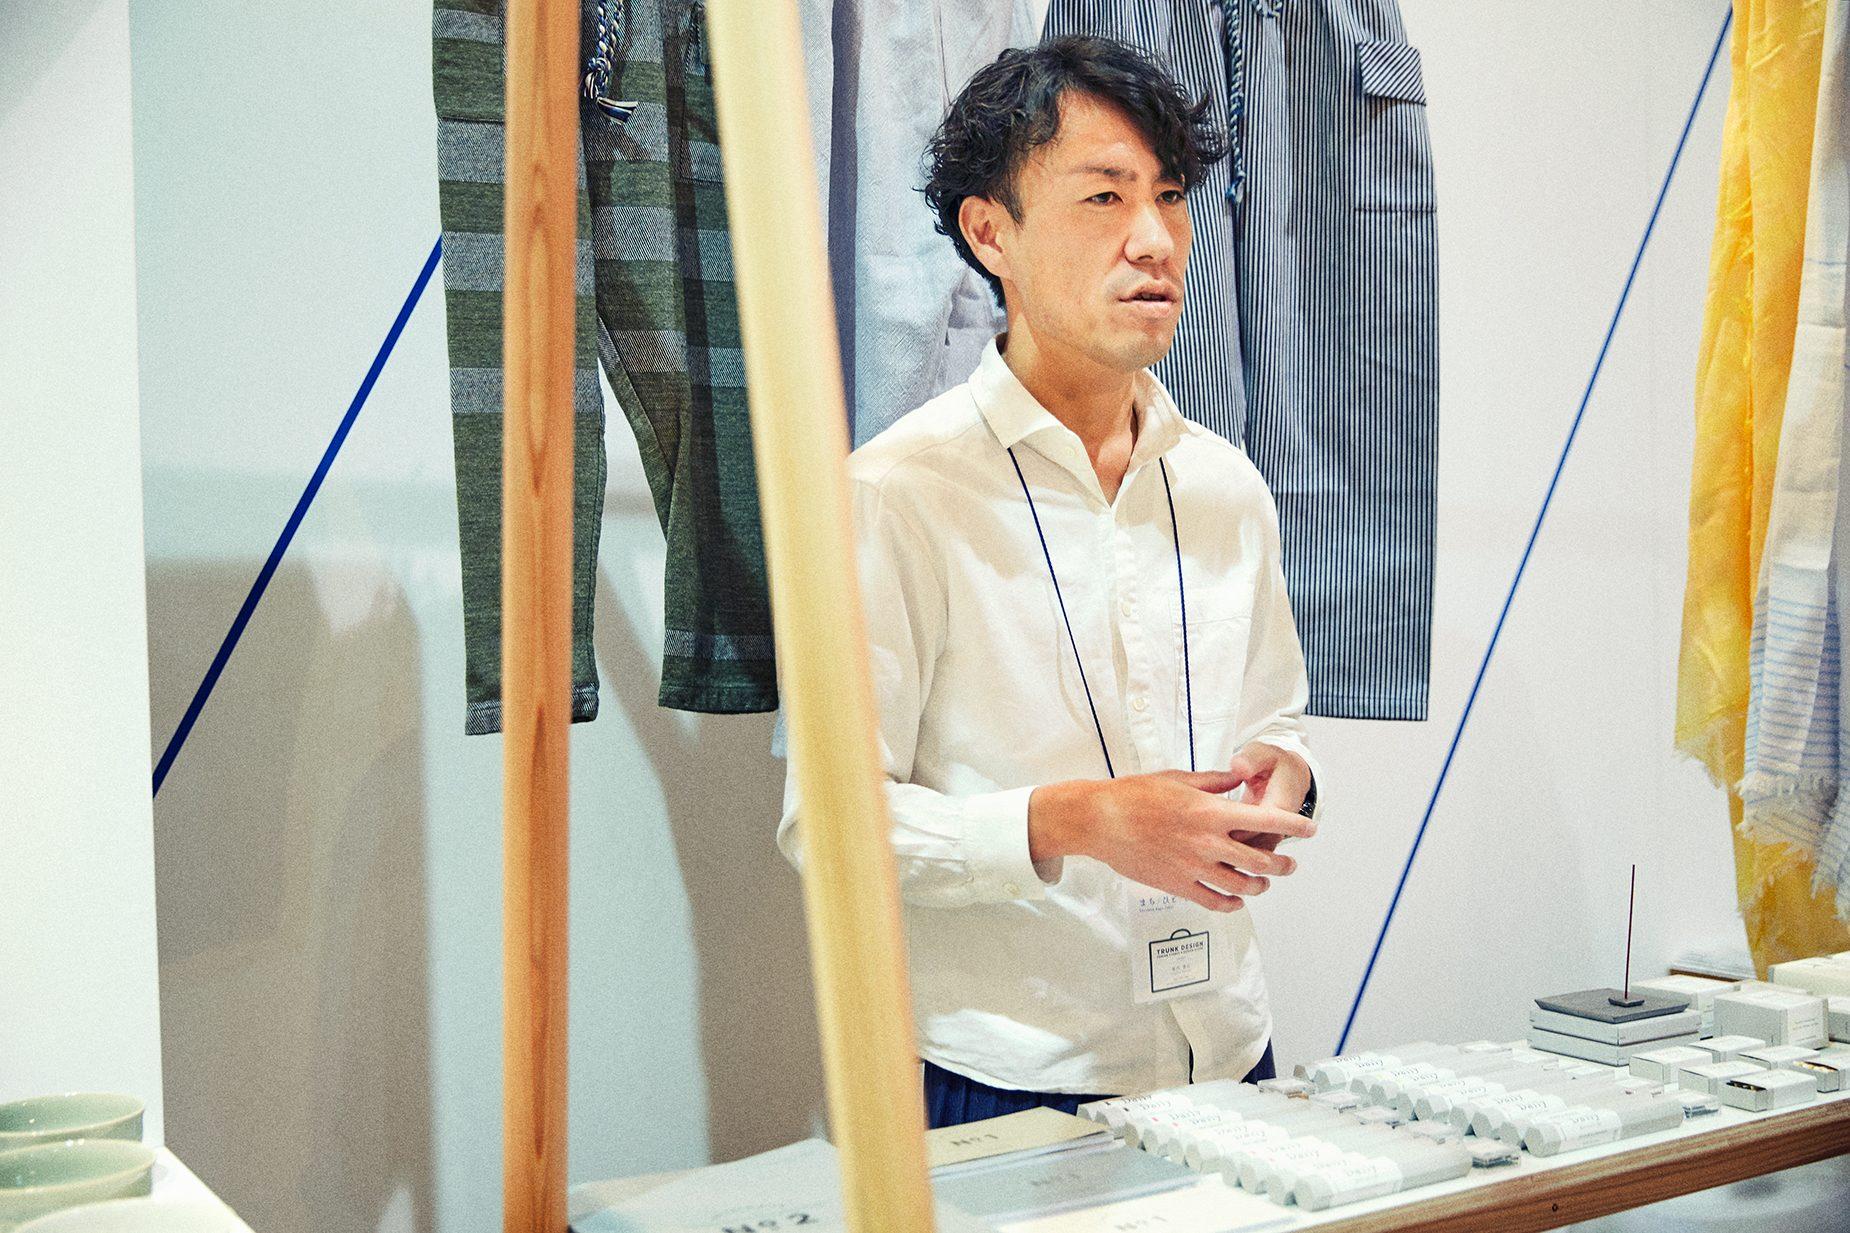 TRUNK DESIGN代表の堀内康広さん。地元兵庫県の地場産業のプロデュースやブランディング、百貨店広告などのディレクションやデザインまで幅広く行う。